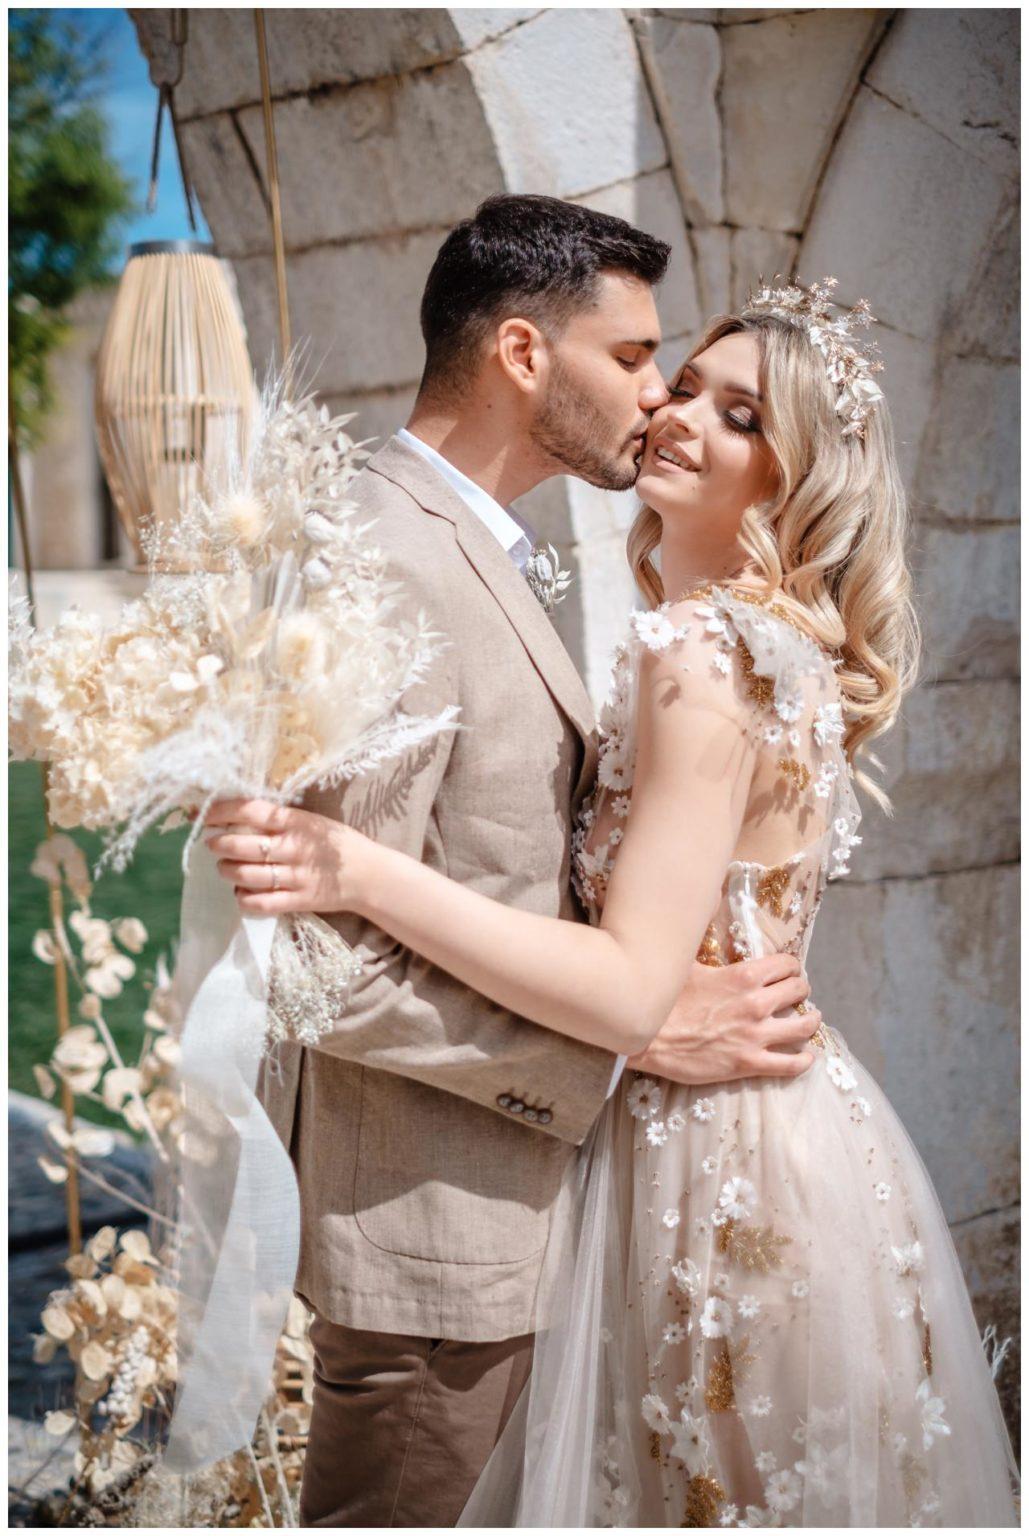 Hochzeit Kroatien Planung Hochzeitsplaner Trockenblumen Fotograf 10 - Natürliche Hochzeit mit Trockenblumen